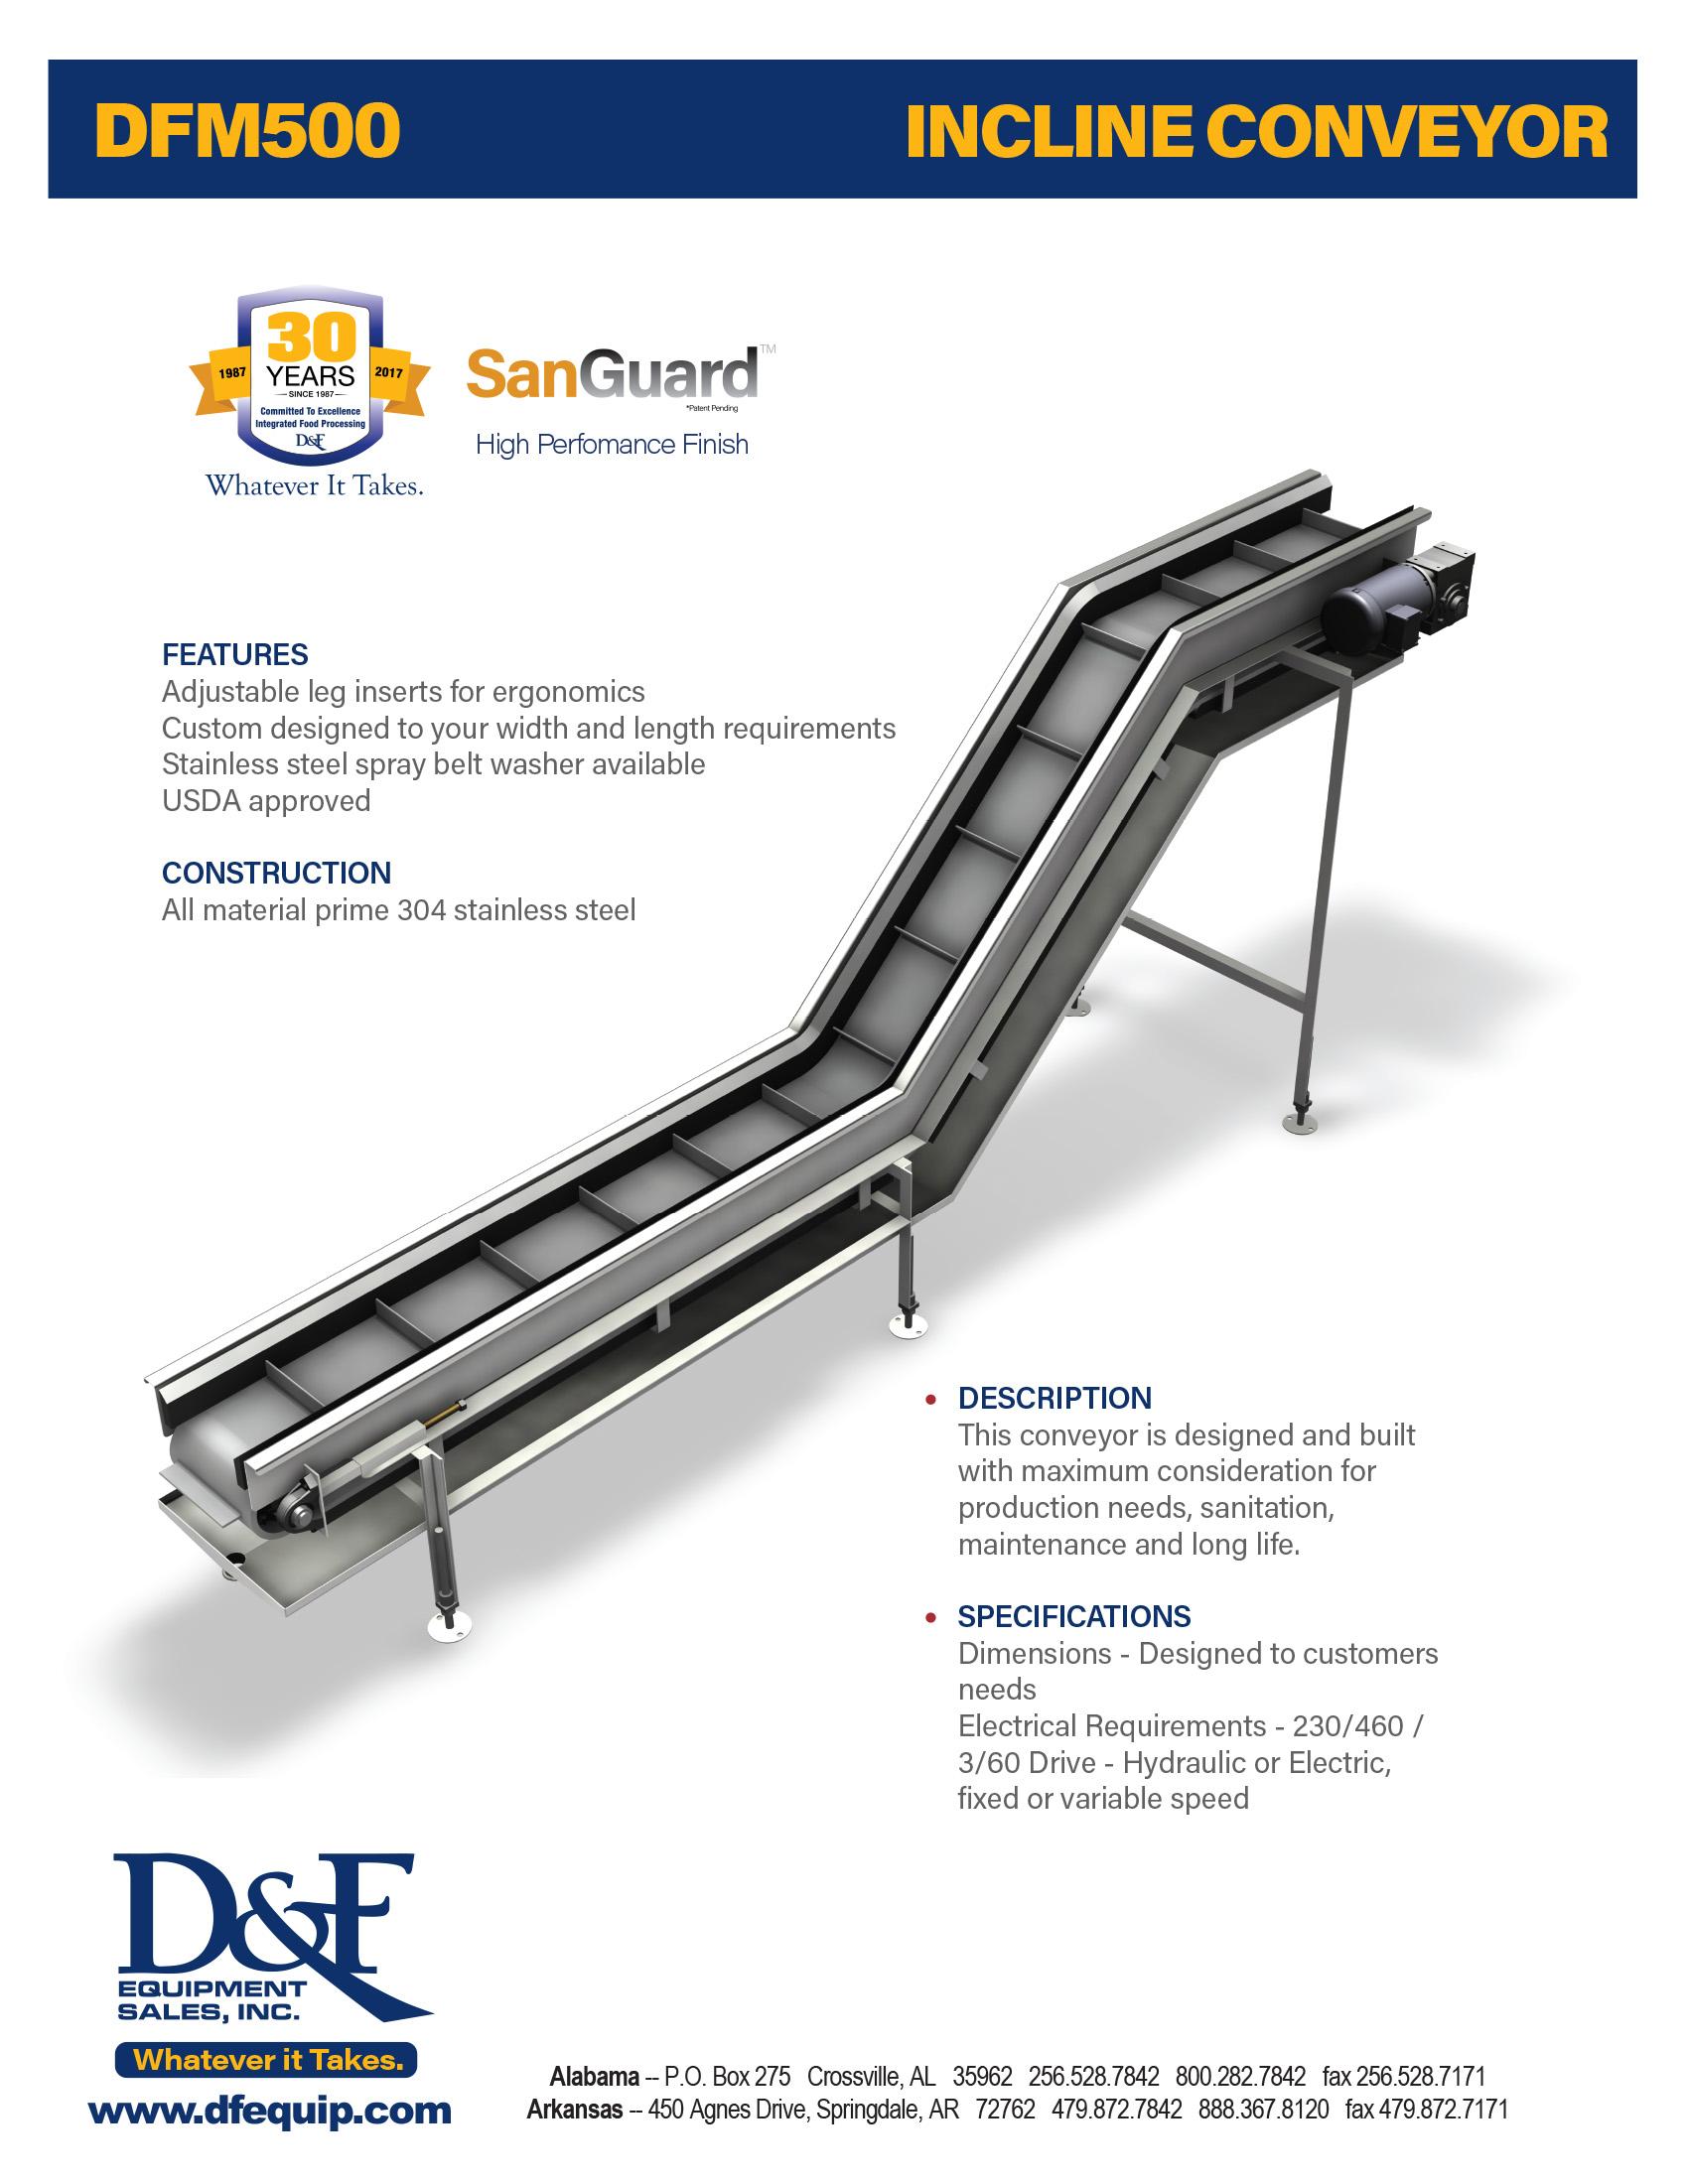 DFM500-InclineConveyor2017.jpg